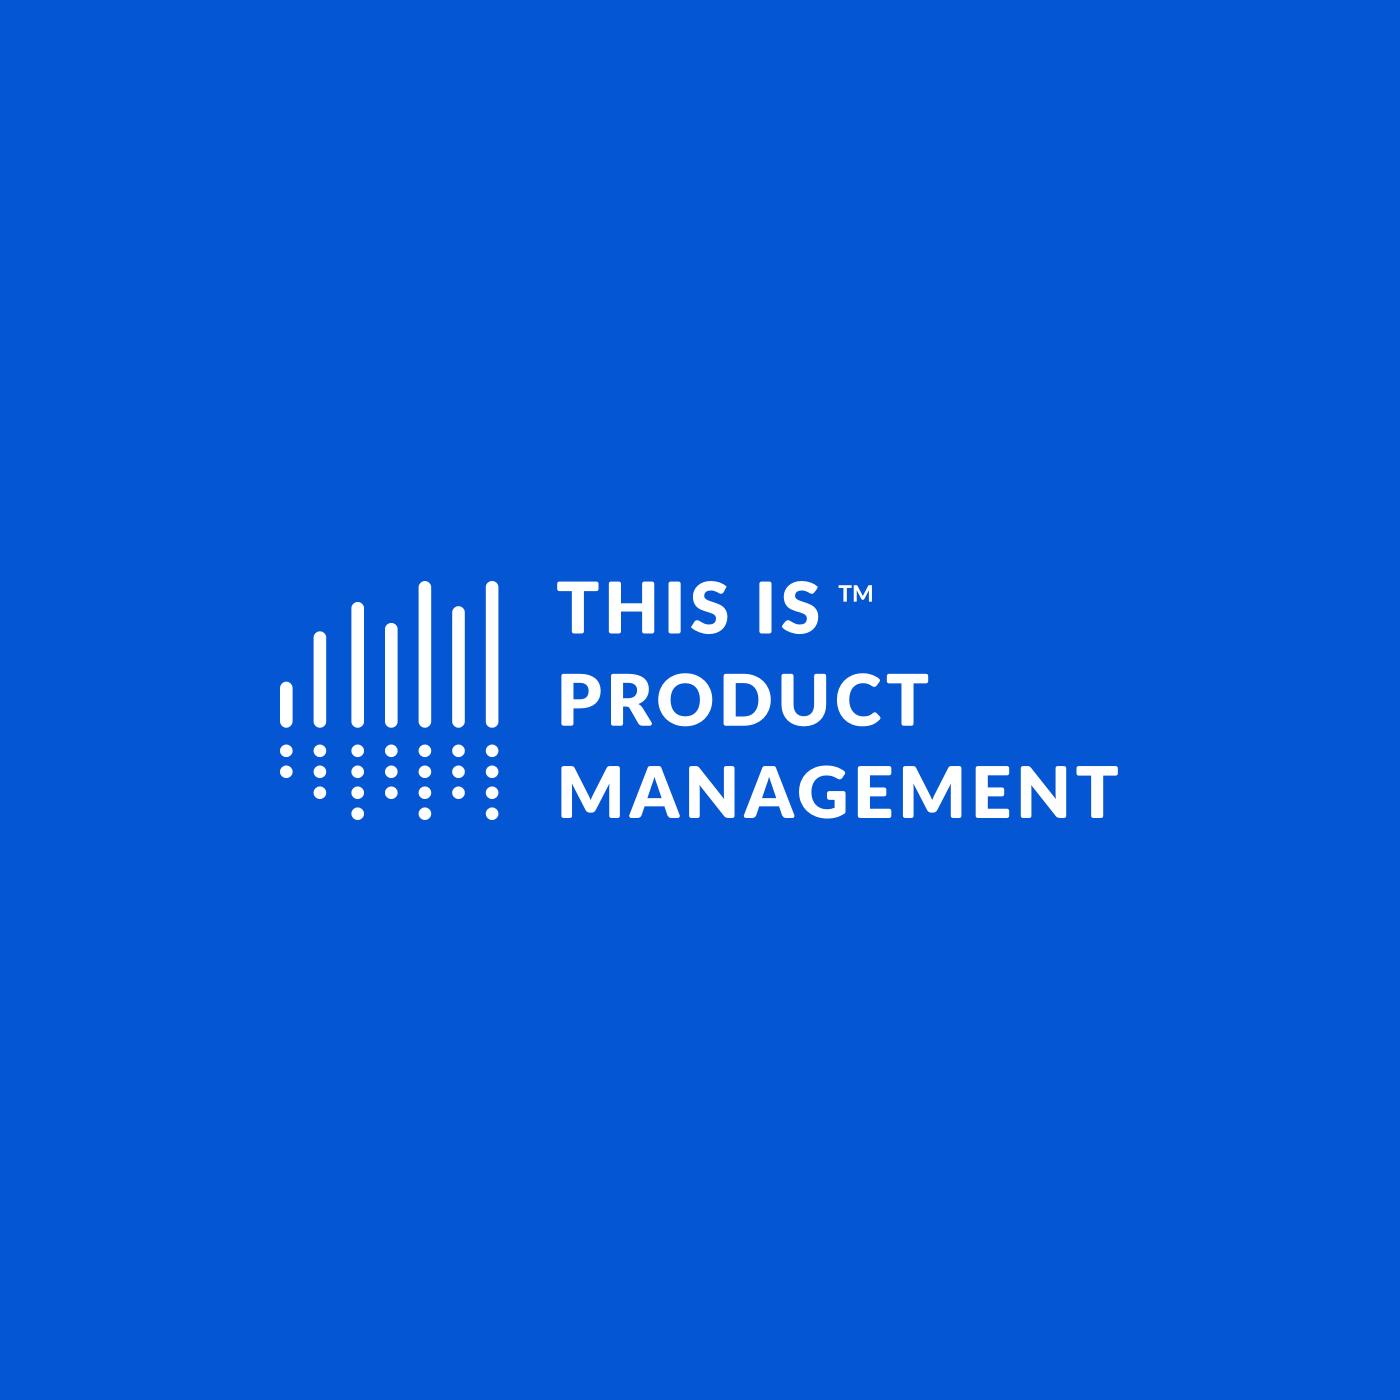 thisisproductmanagement-logo